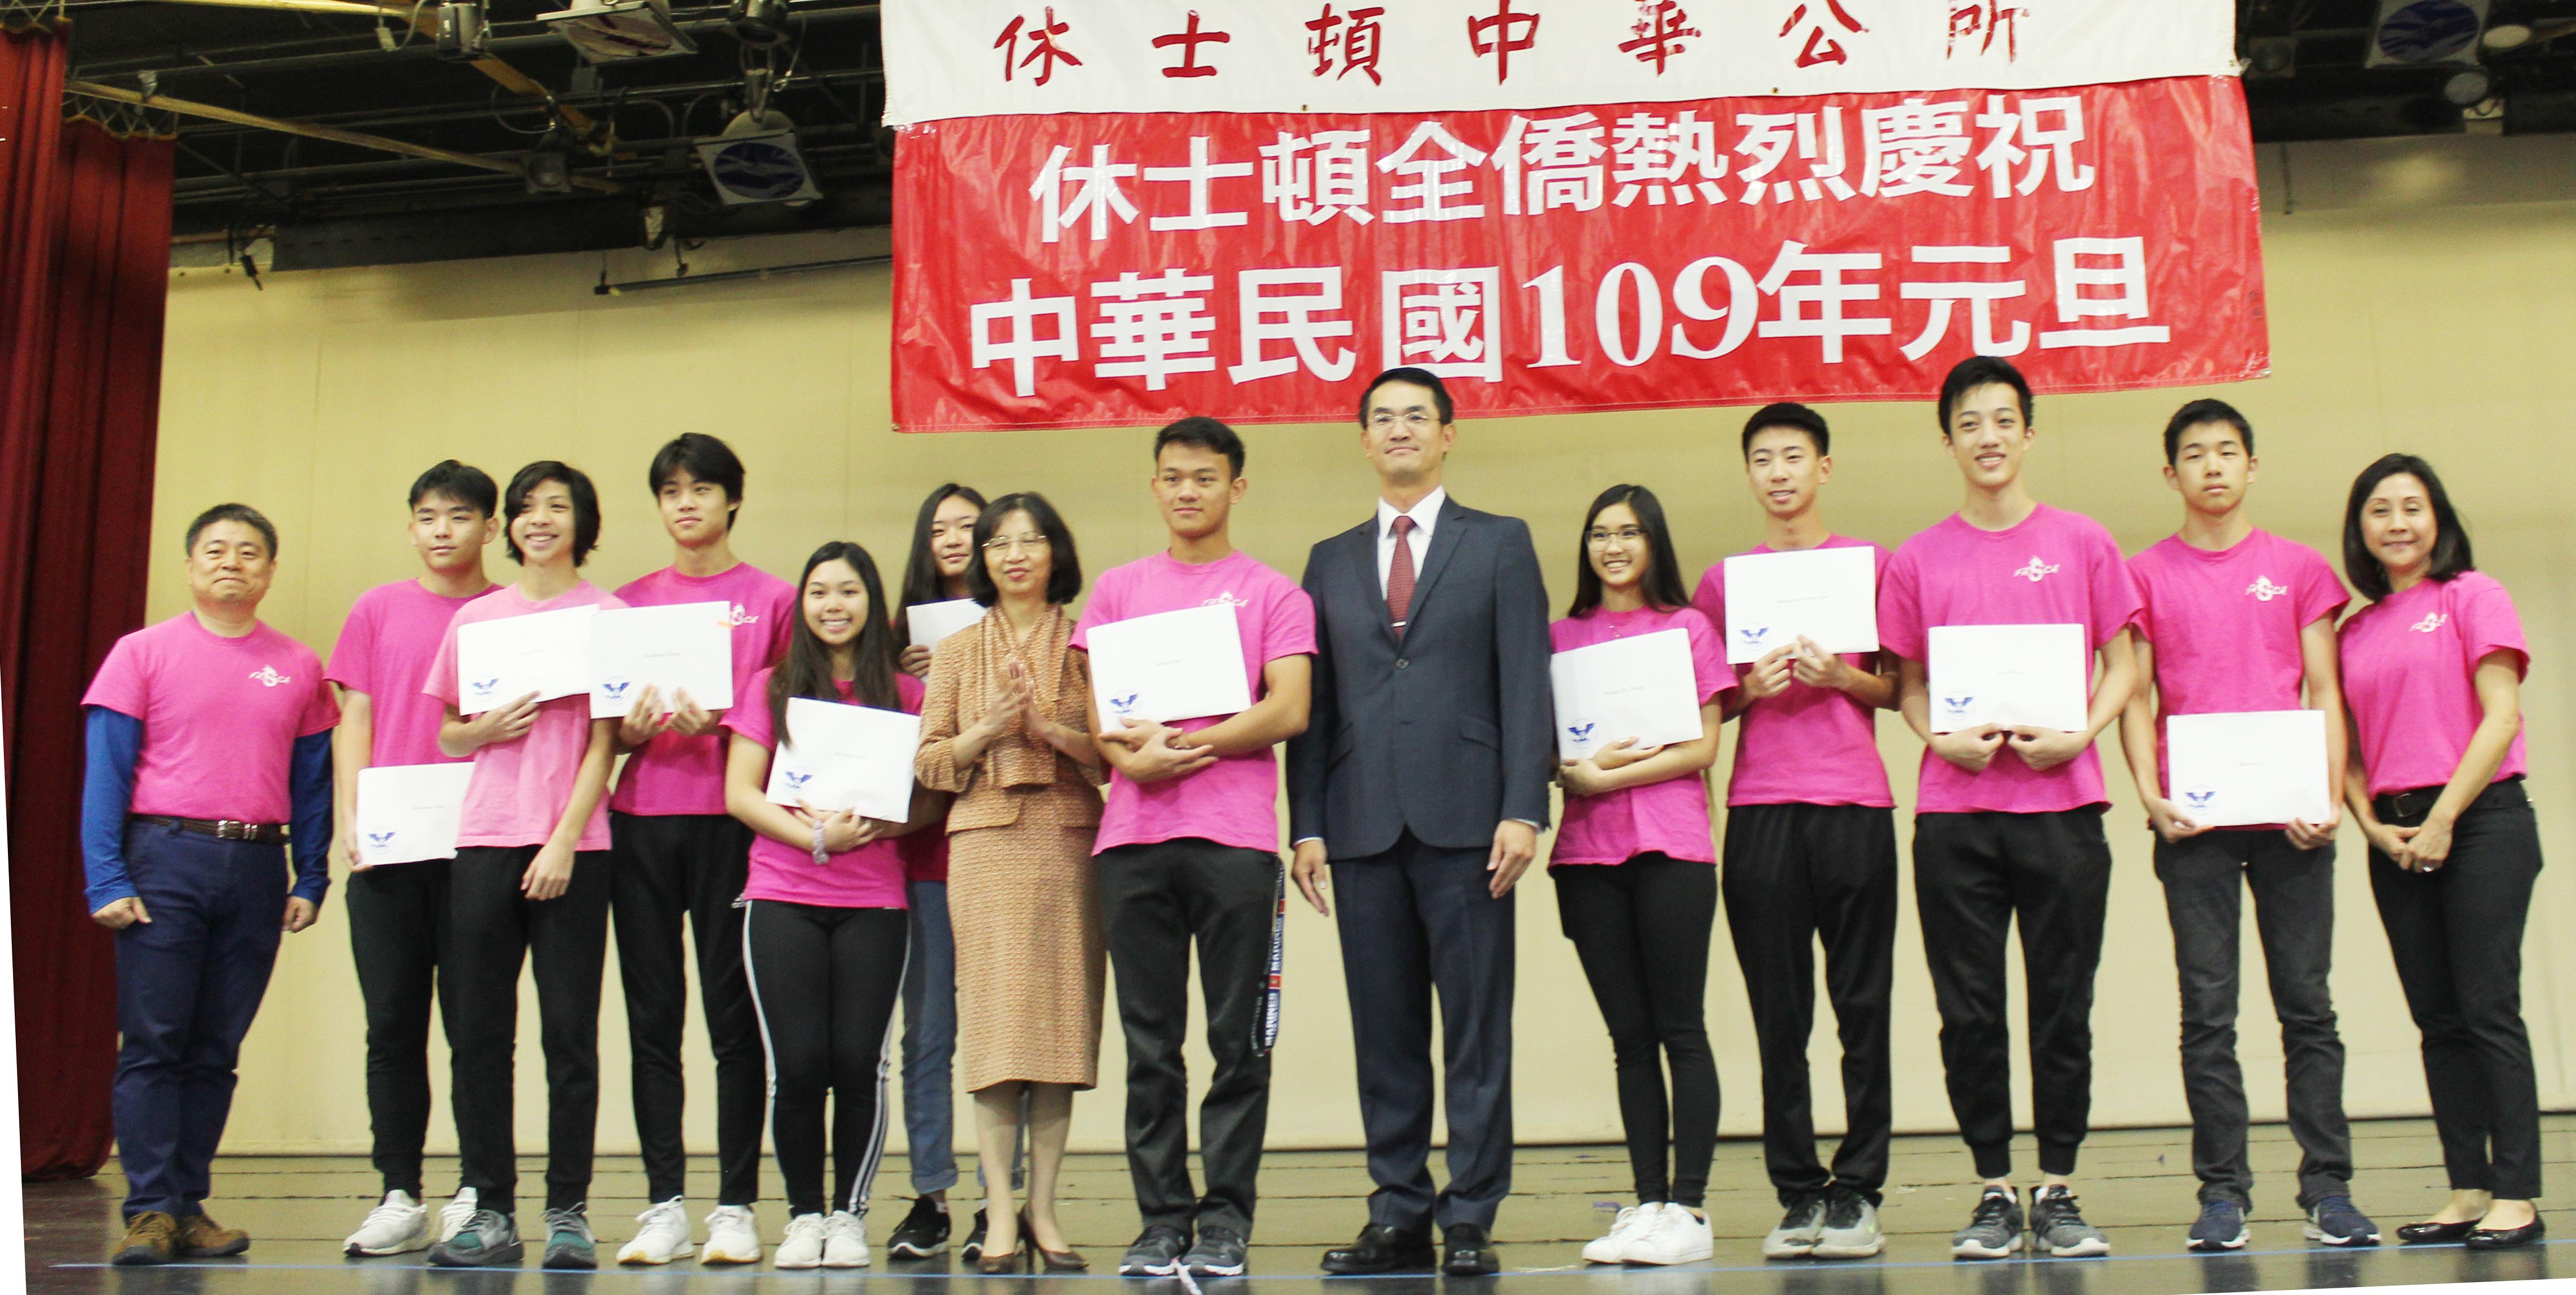 福爾摩沙青年文化大使協會(FASCA)指導老師許建彬(左一)、陳家彥(右六)、陳奕芳(左七)與青年文化志工服務獎得獎青年合影。